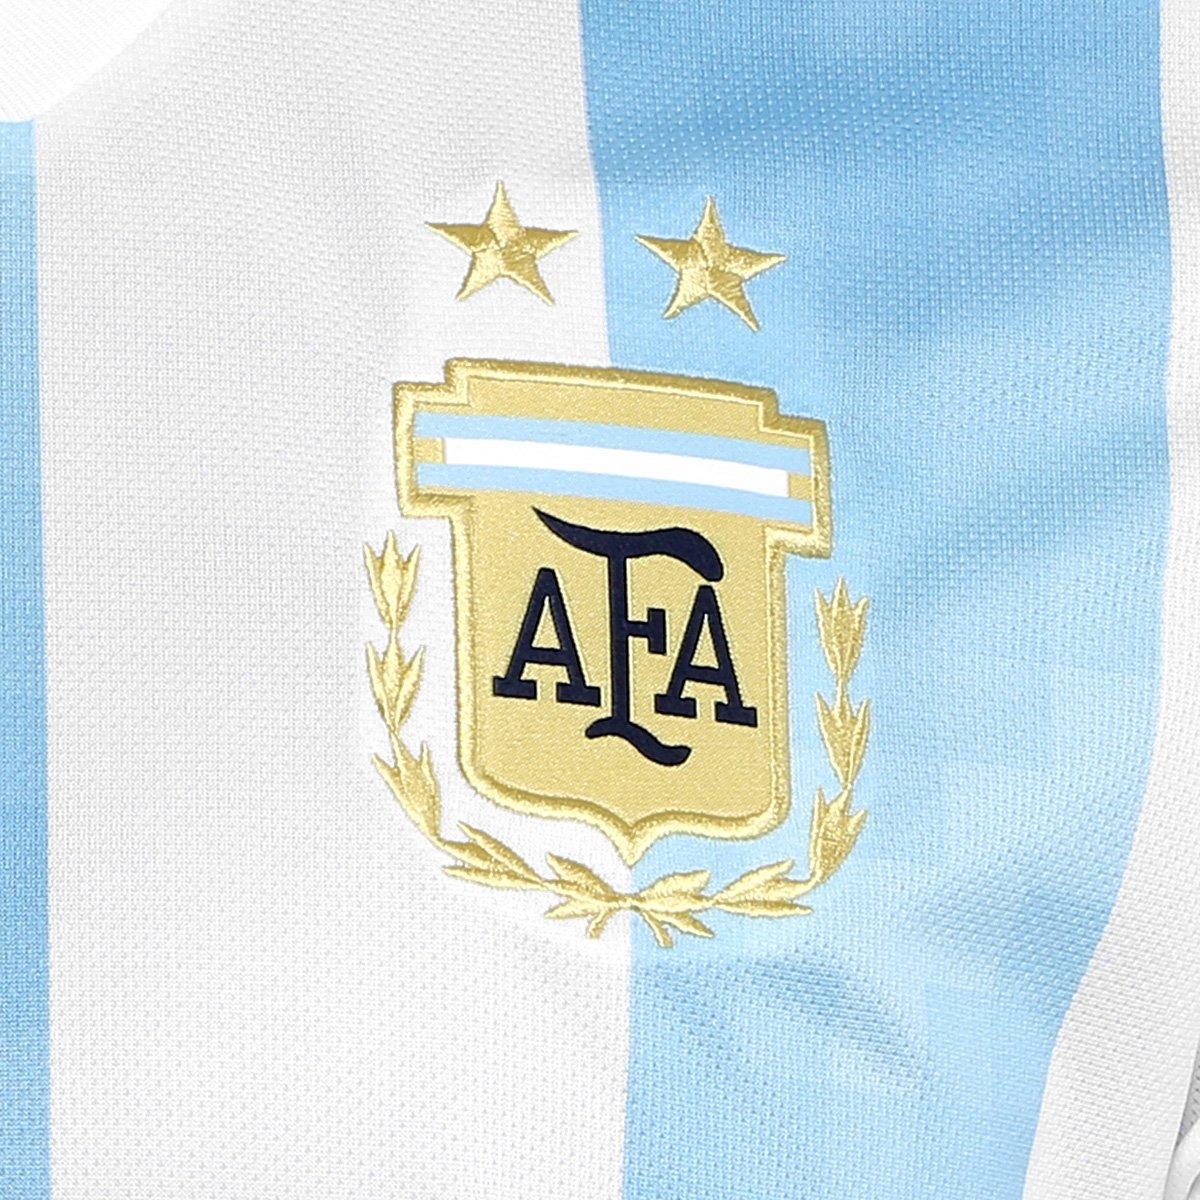 ... Camisa Seleção Argentina Home 2018 s n° Torcedor Adidas Masculina ... 2e3dcb5a8acfb